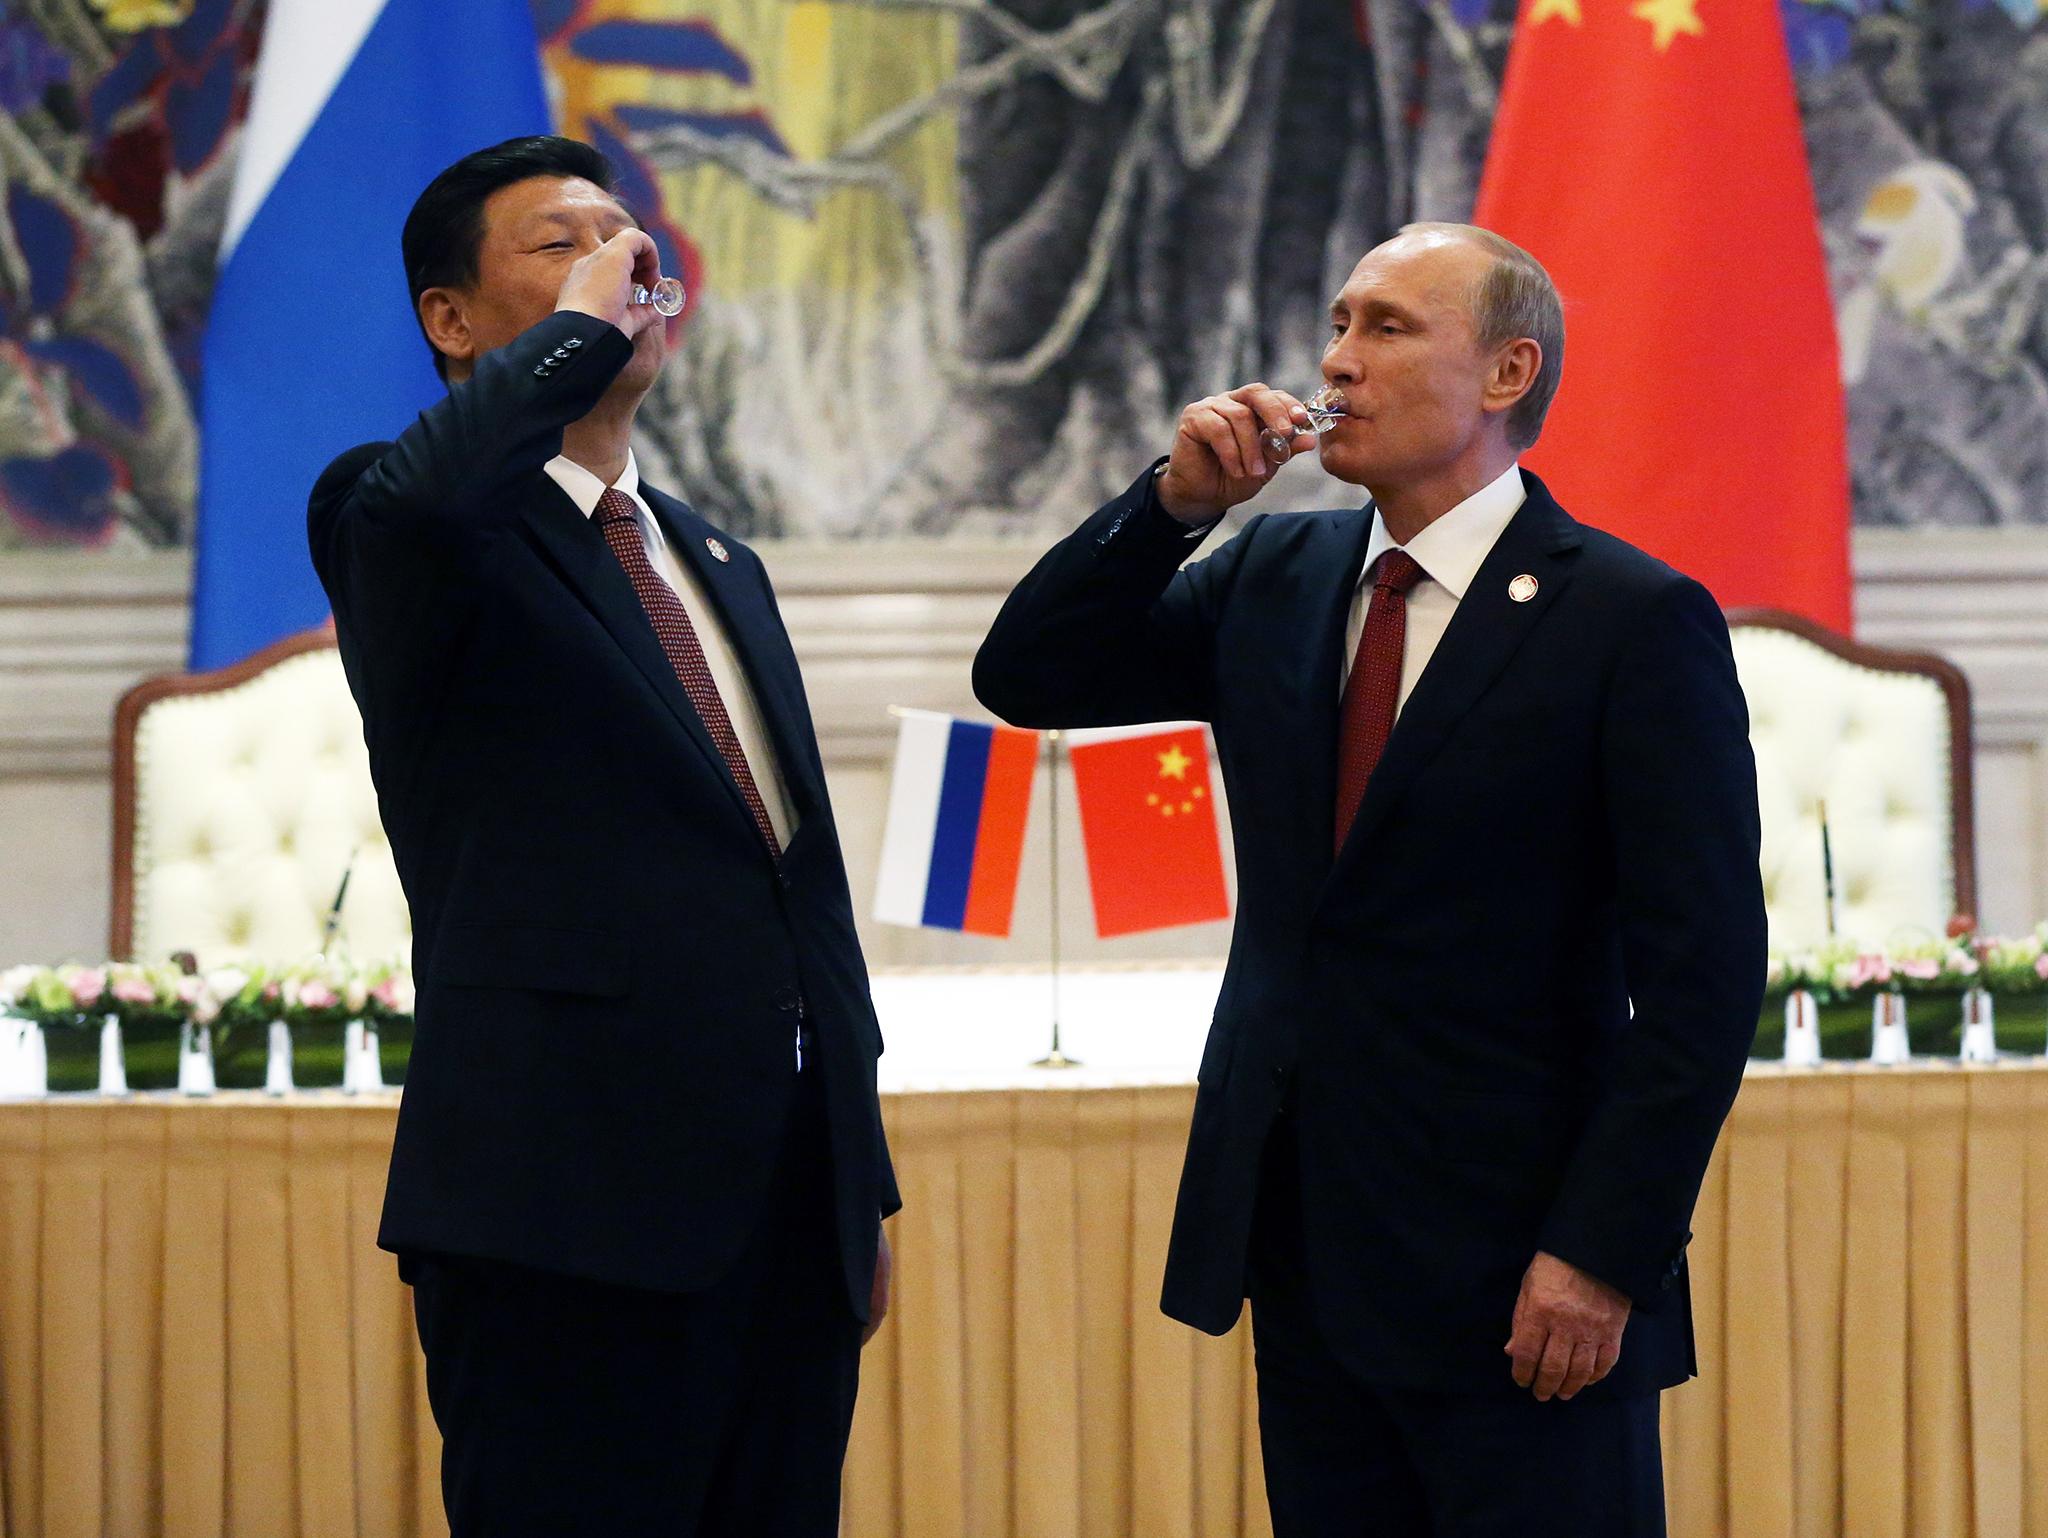 Diplomacia   Presidente Russo visita Pequim para reforçar laços